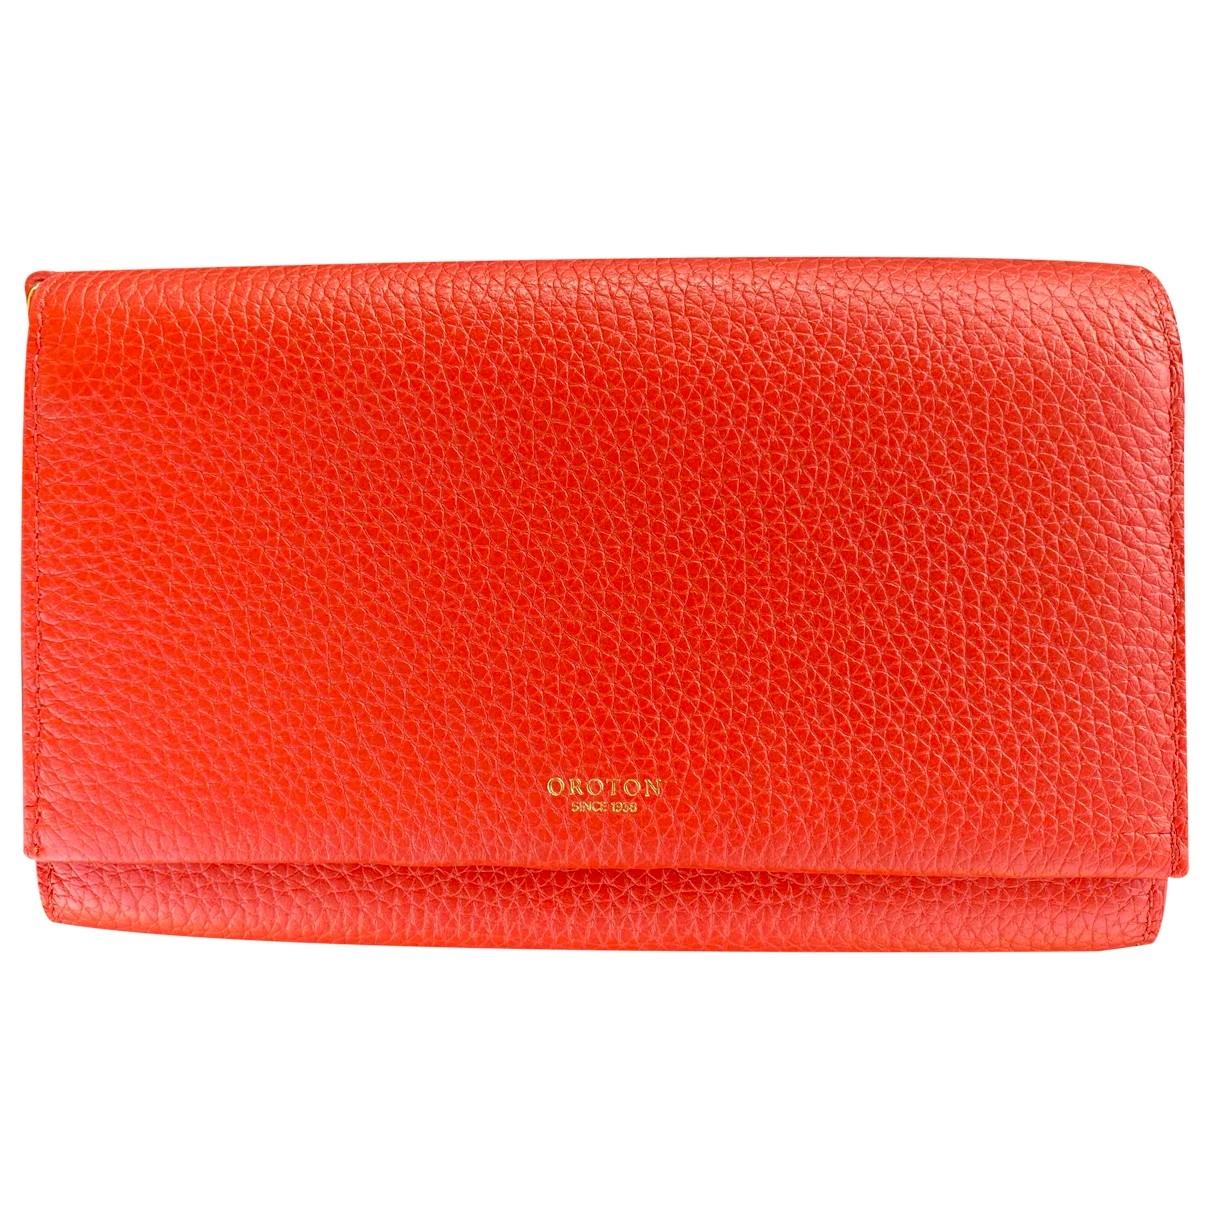 Oroton - Portefeuille   pour femme en cuir - rouge